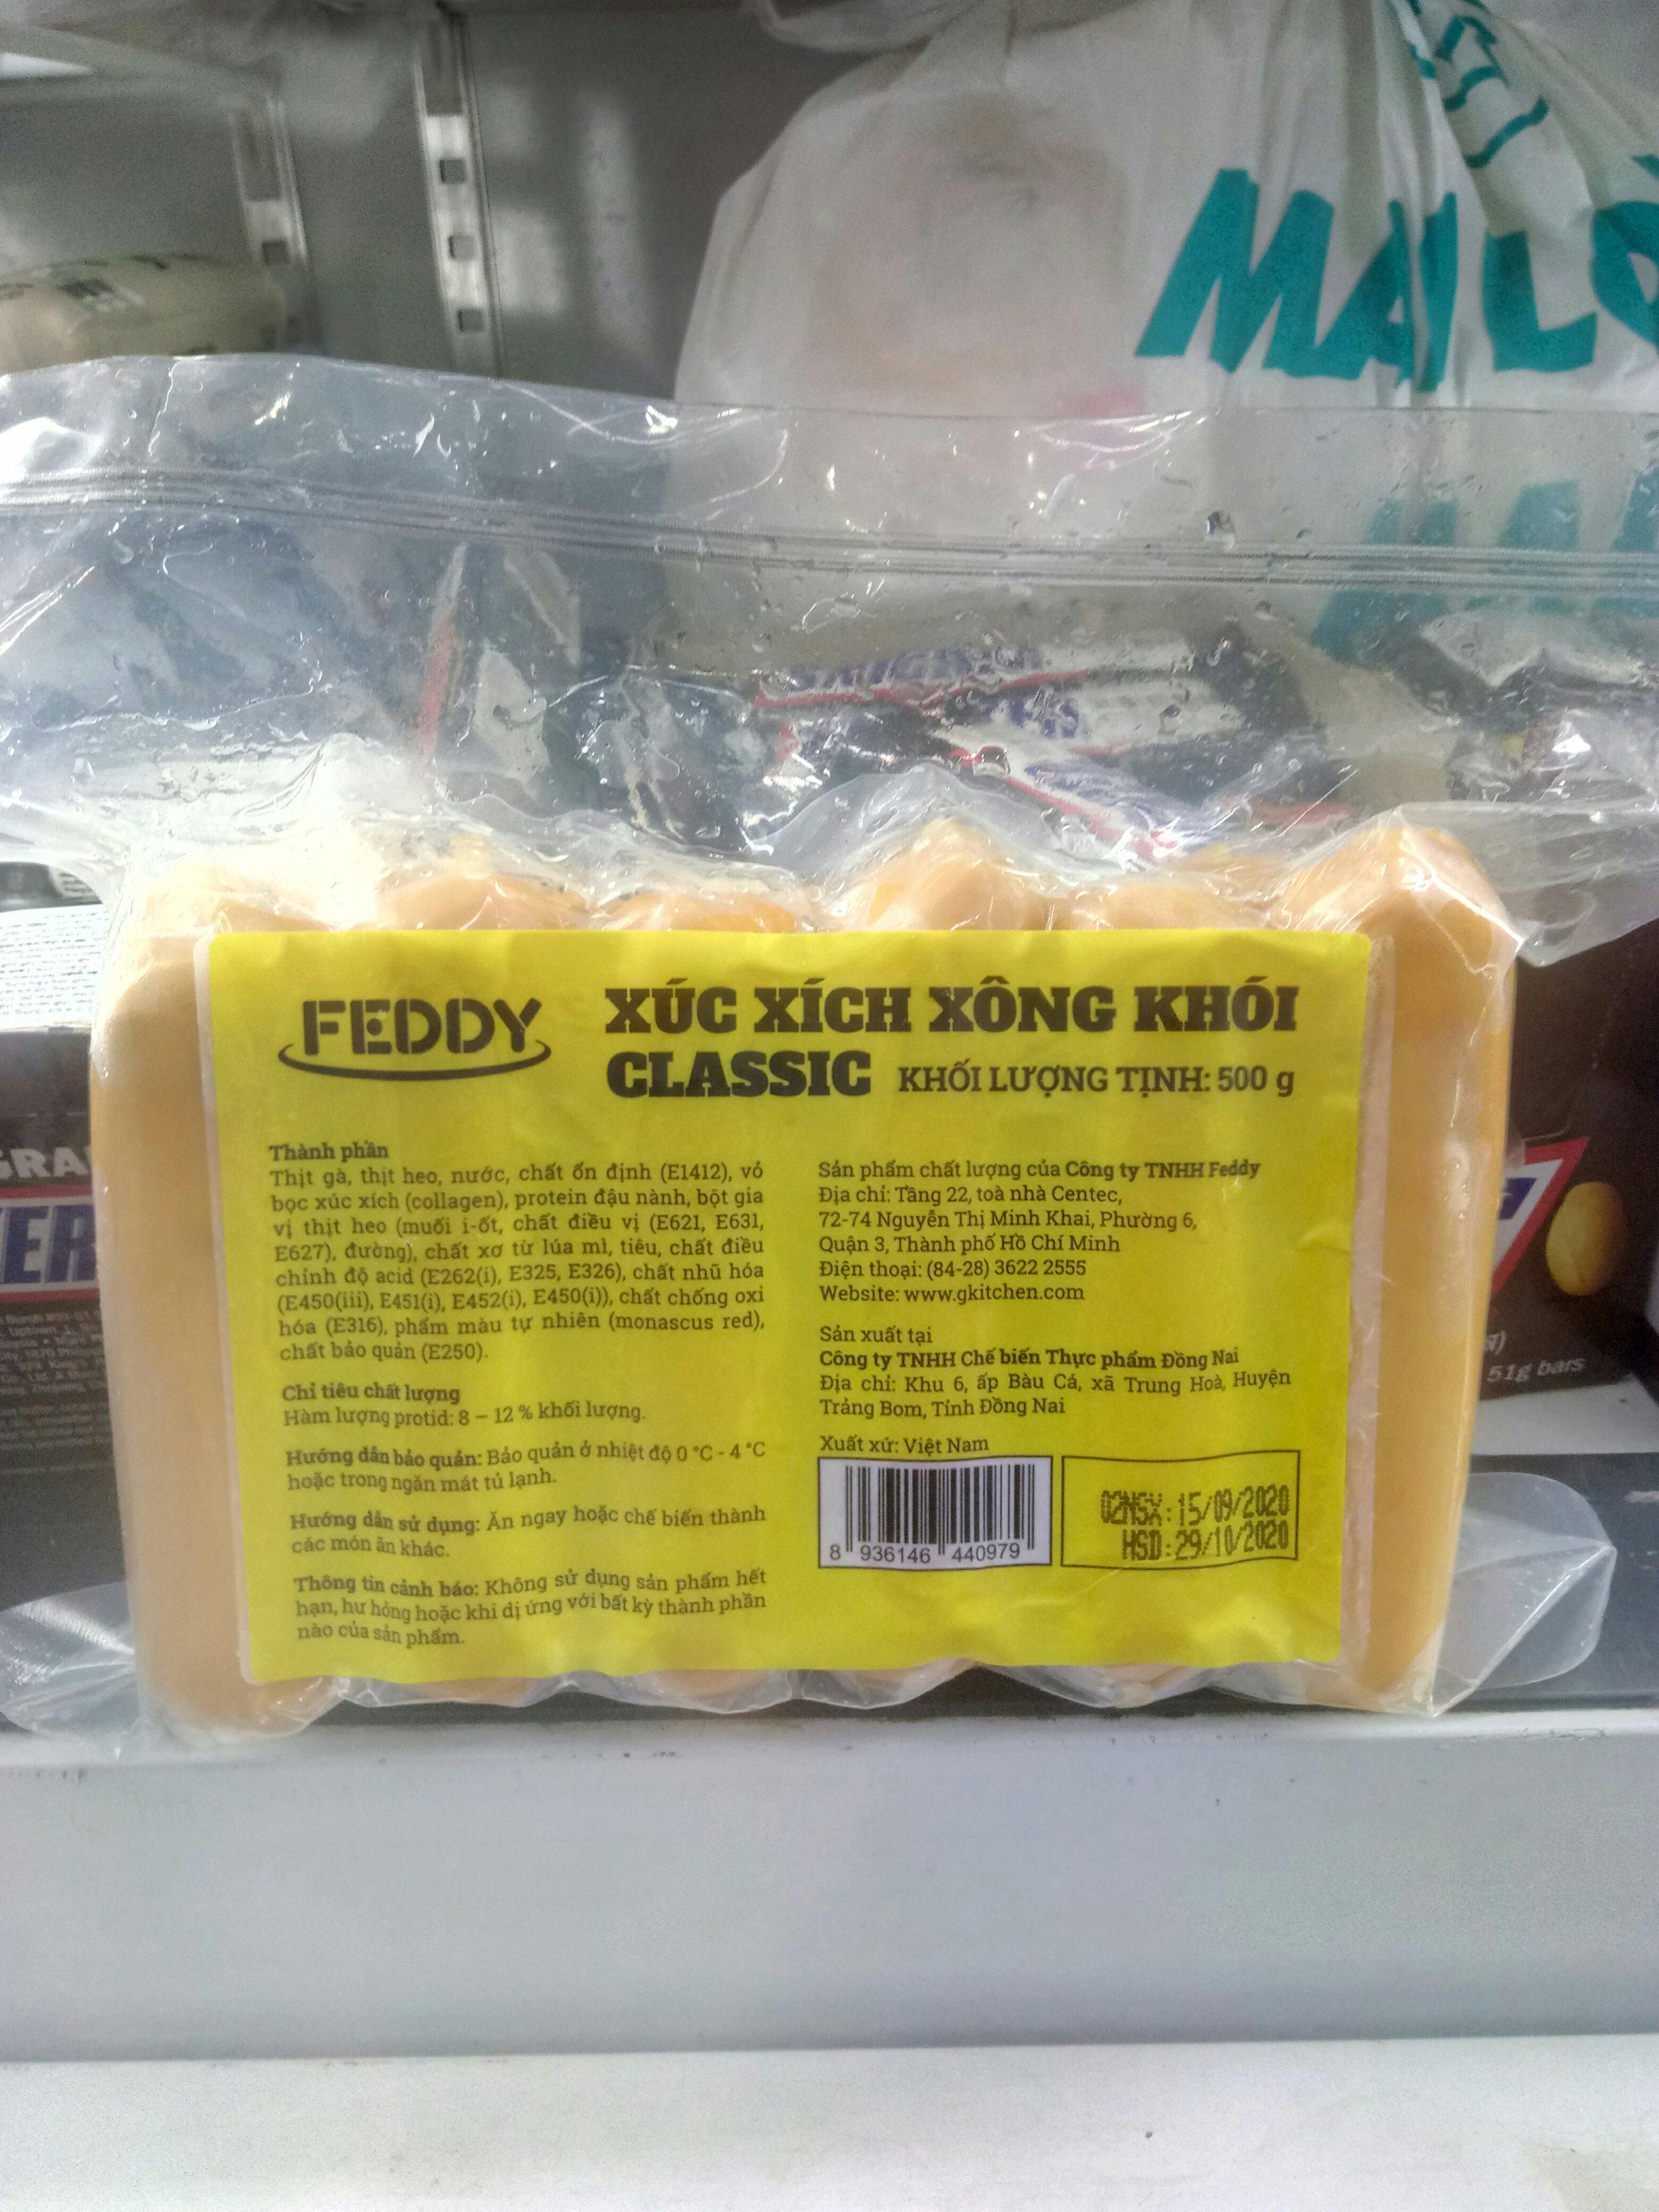 Xúc xích xông khói classic Feddy 500g